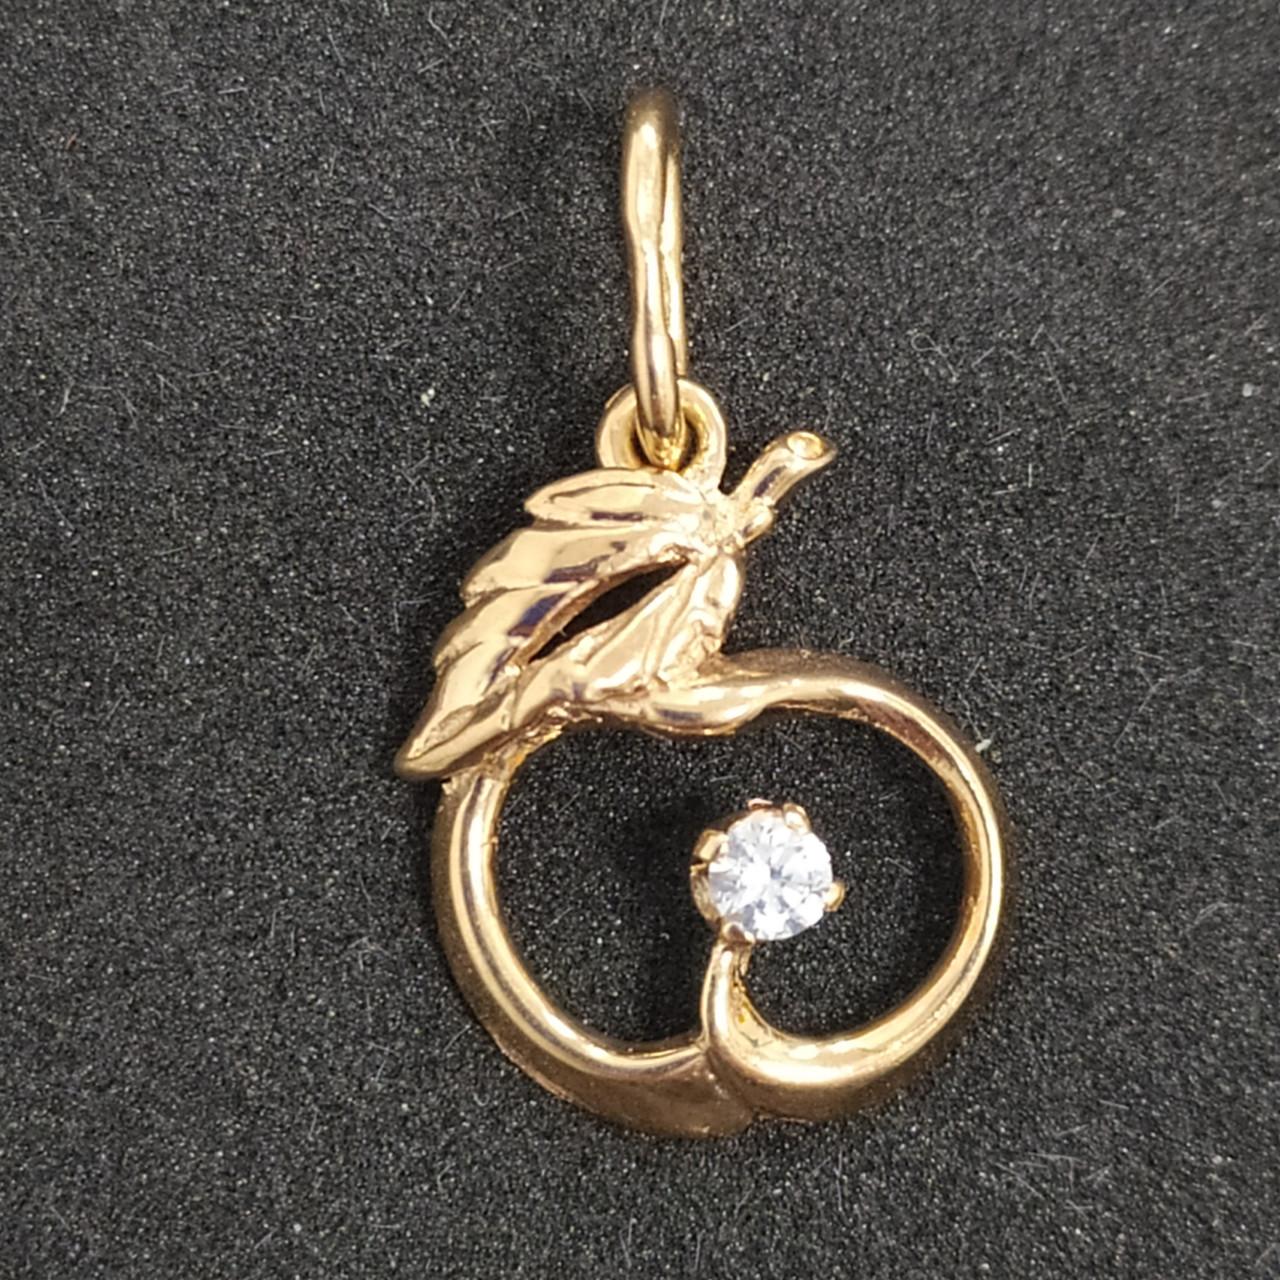 Золотая подвеска с цирконием 585 пробы. Б/У. Вес - 1,07 г